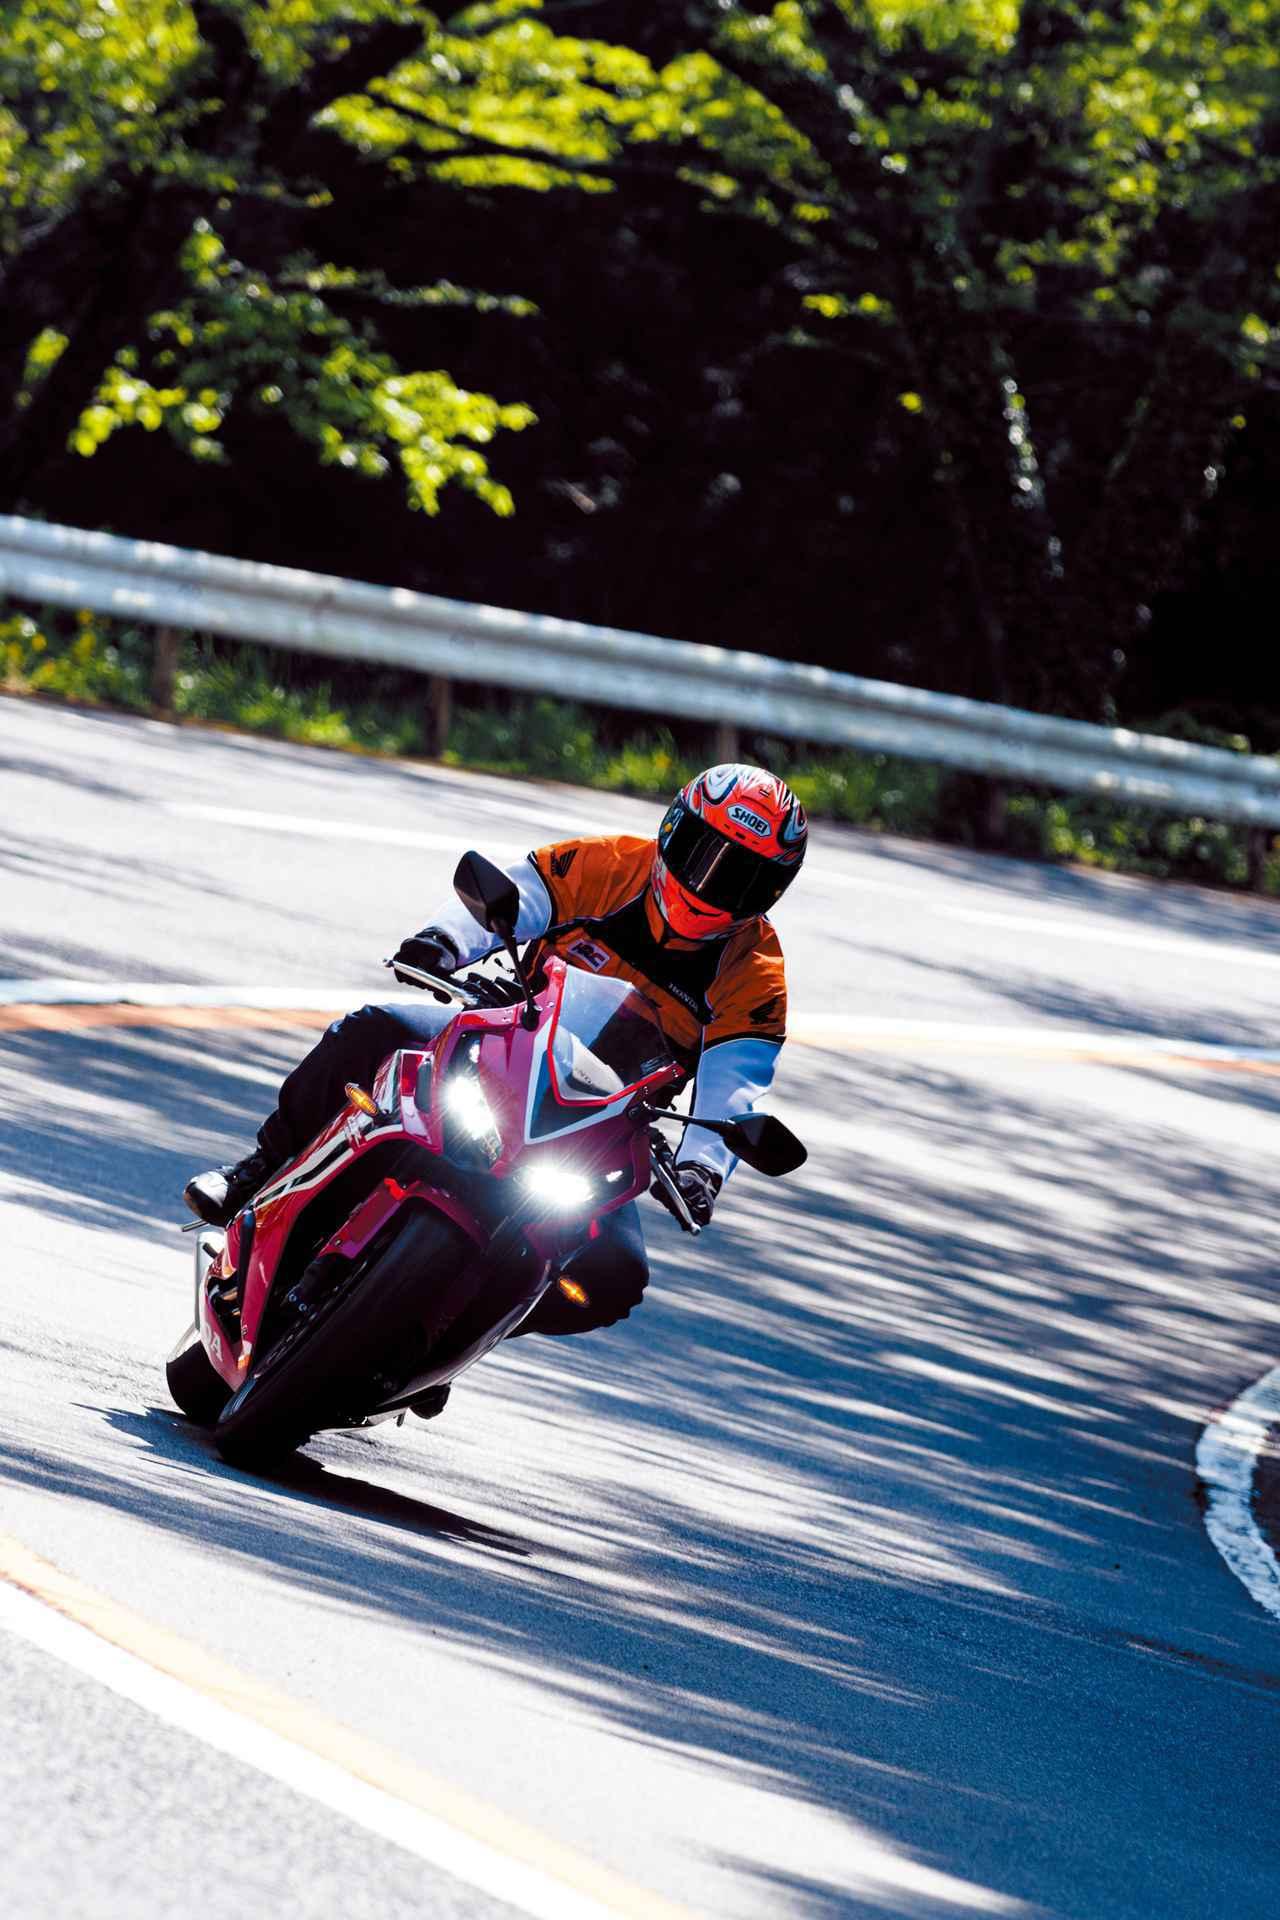 画像: ホンダ「CBR650R」が公道用スポーツバイクとしてモノすごく優秀なワケとは? 伊藤真一さんが試乗インプレ〈前編〉【ロングラン研究所】